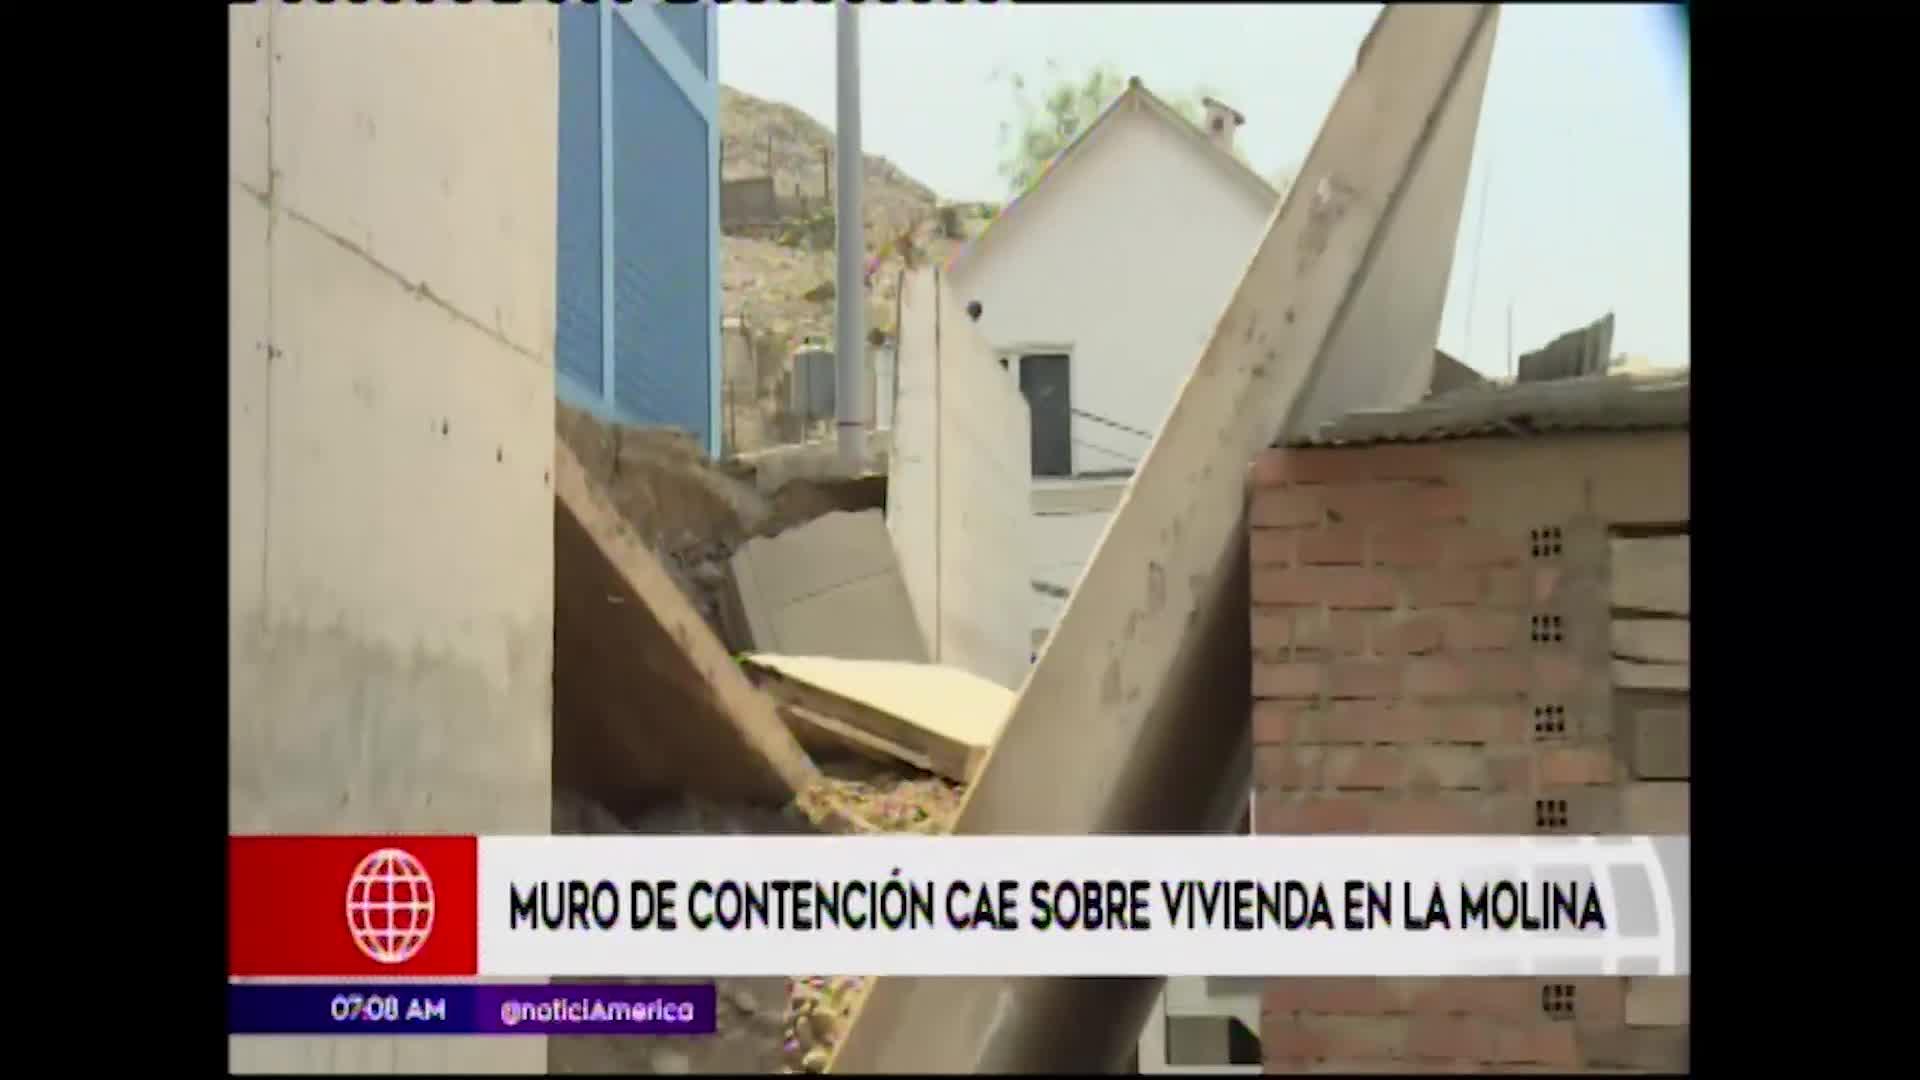 La Molina: muro de contención cae sobre vivienda y deja a familia afectada